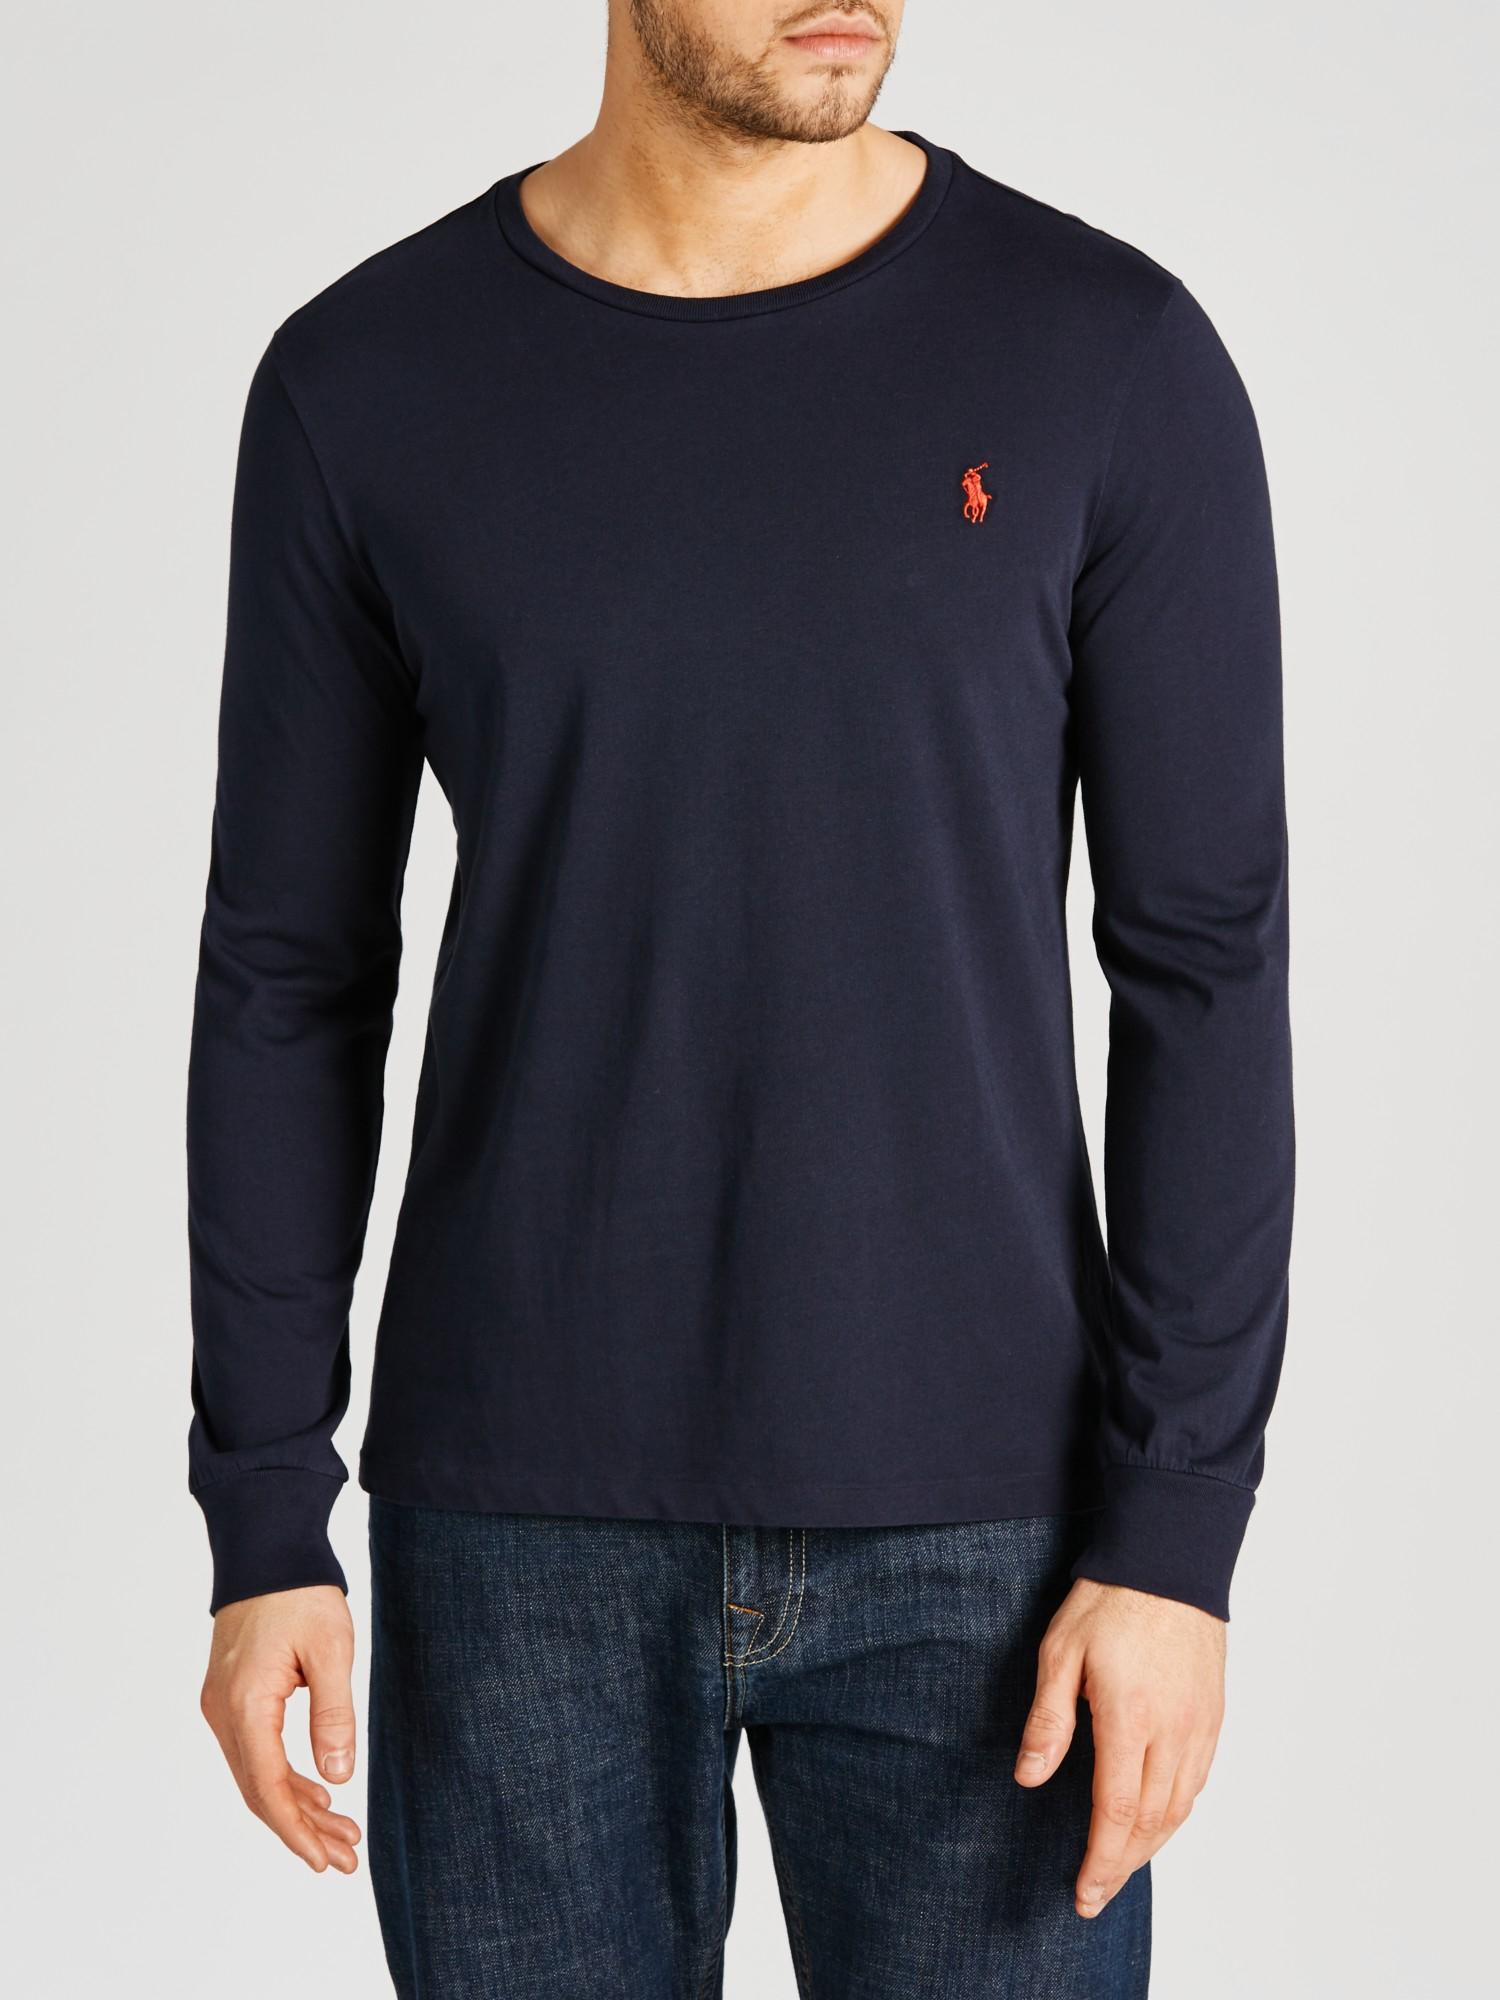 Polo Ralph Lauren Long Sleeve T-Shirt in Blue for Men - Lyst 0dacfe44a398